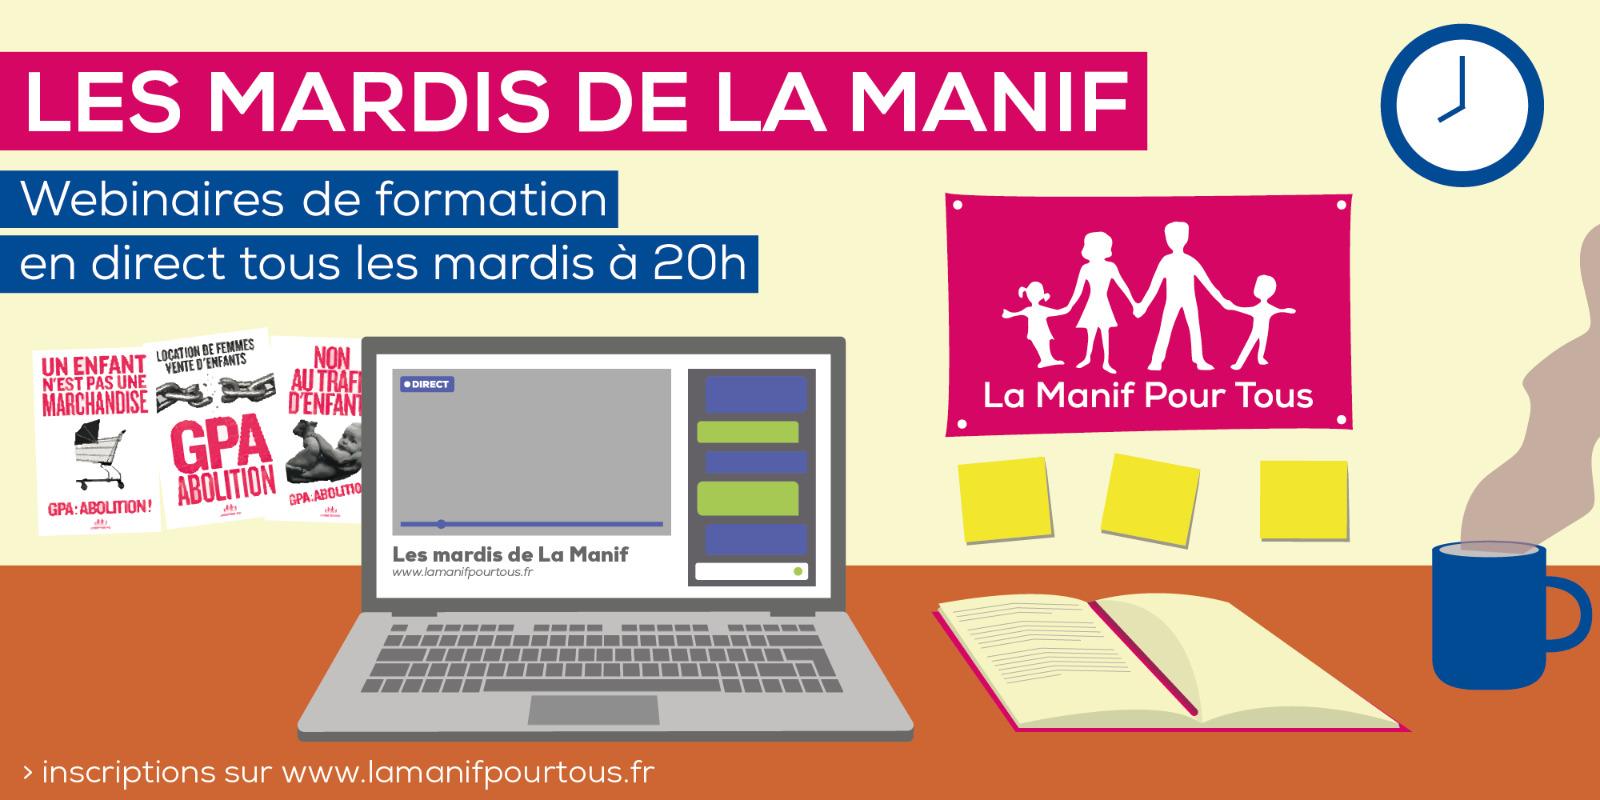 Image - Les mardis de La Manif : webinaires de formation